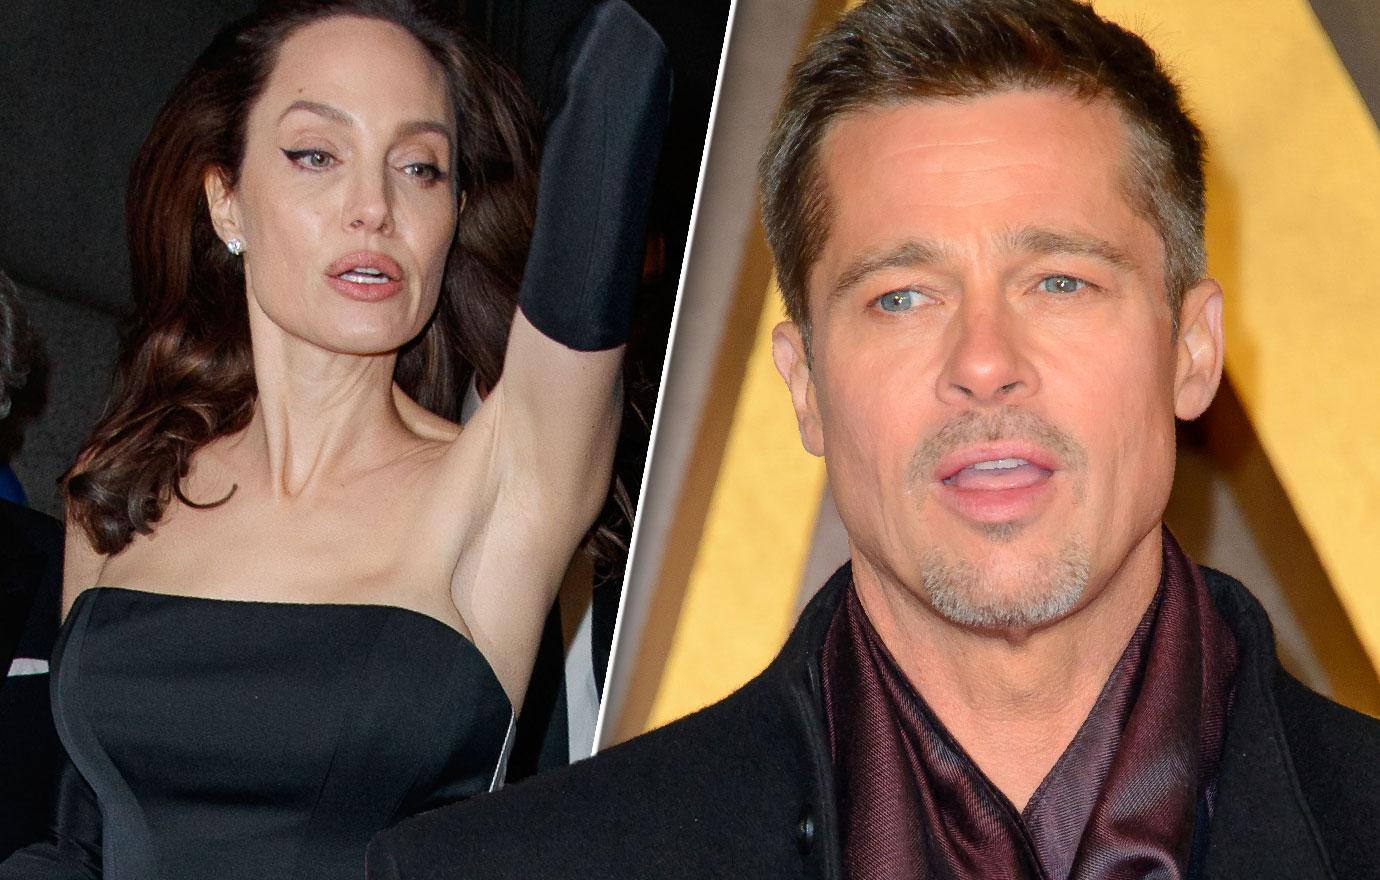 Brad Pitt Dismisses Angelina Jolie Claim She Is Hurting For Money